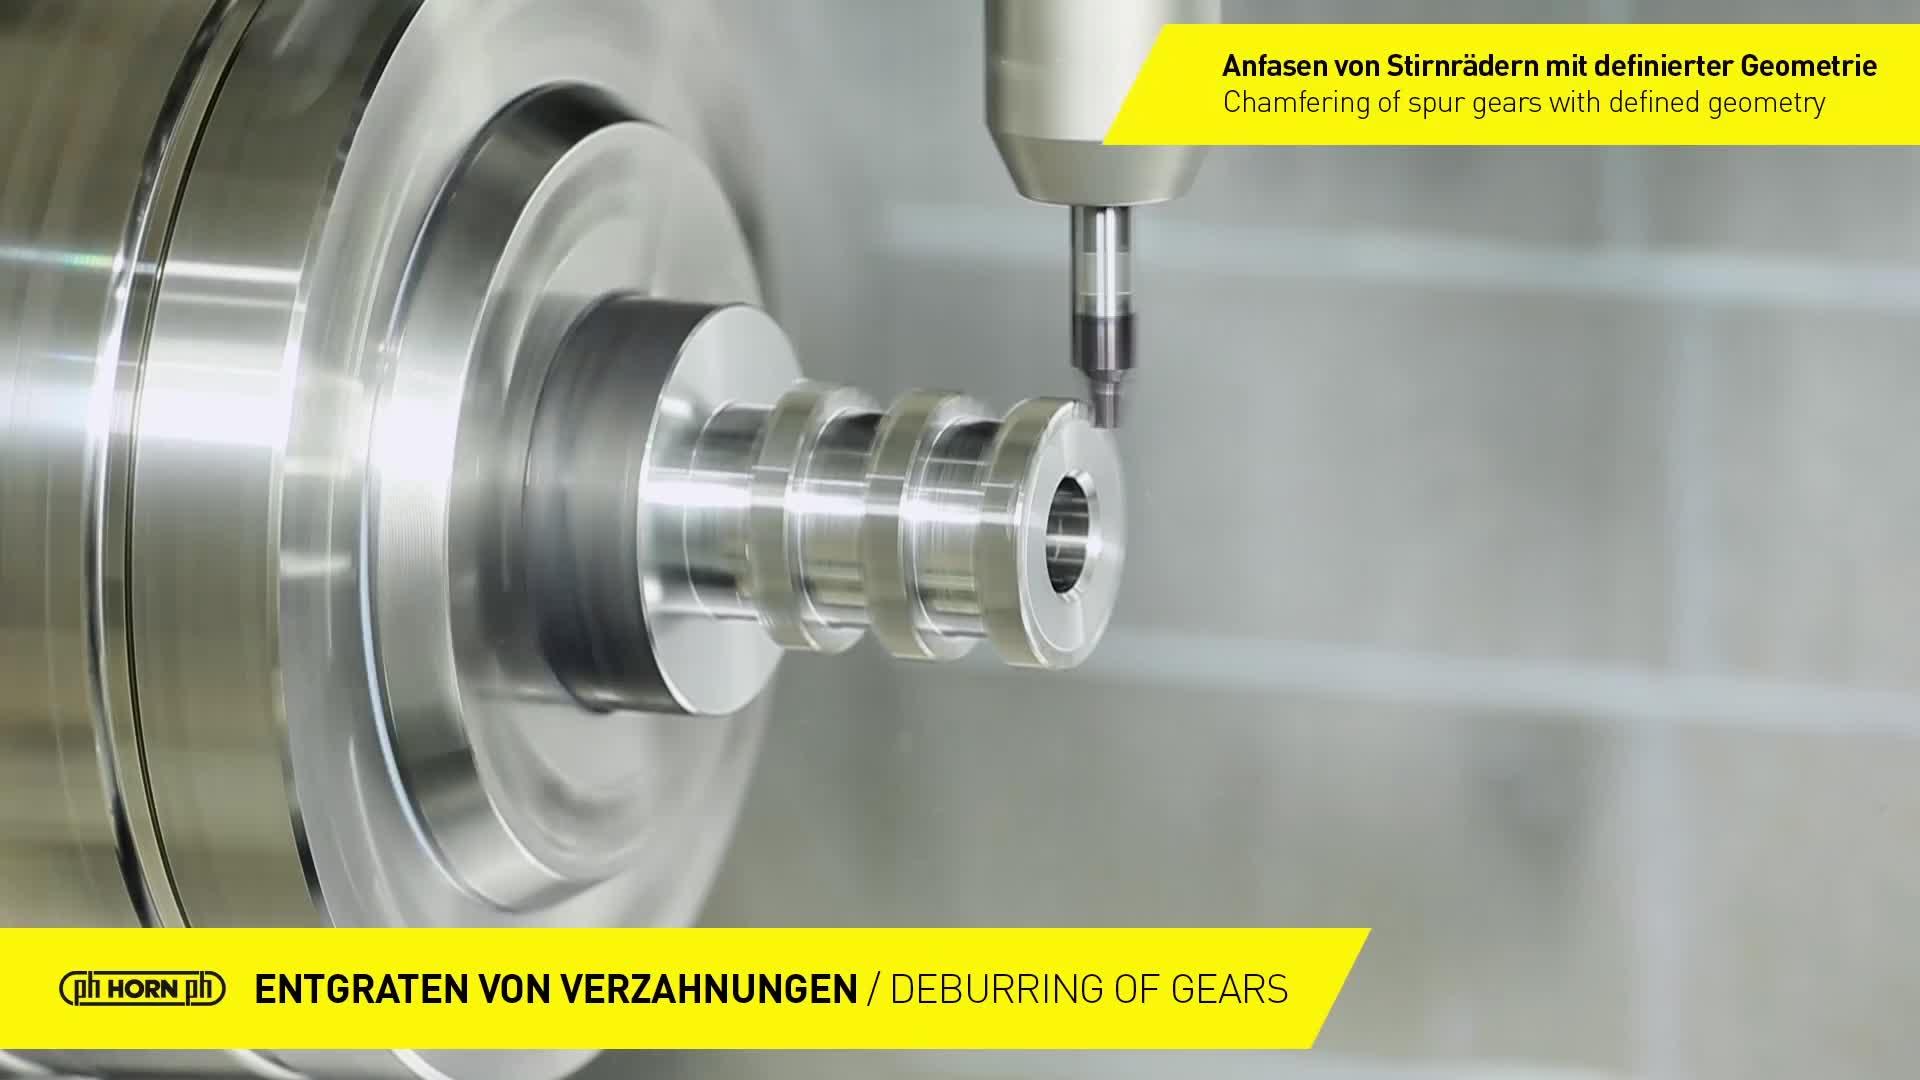 Deburring of gears